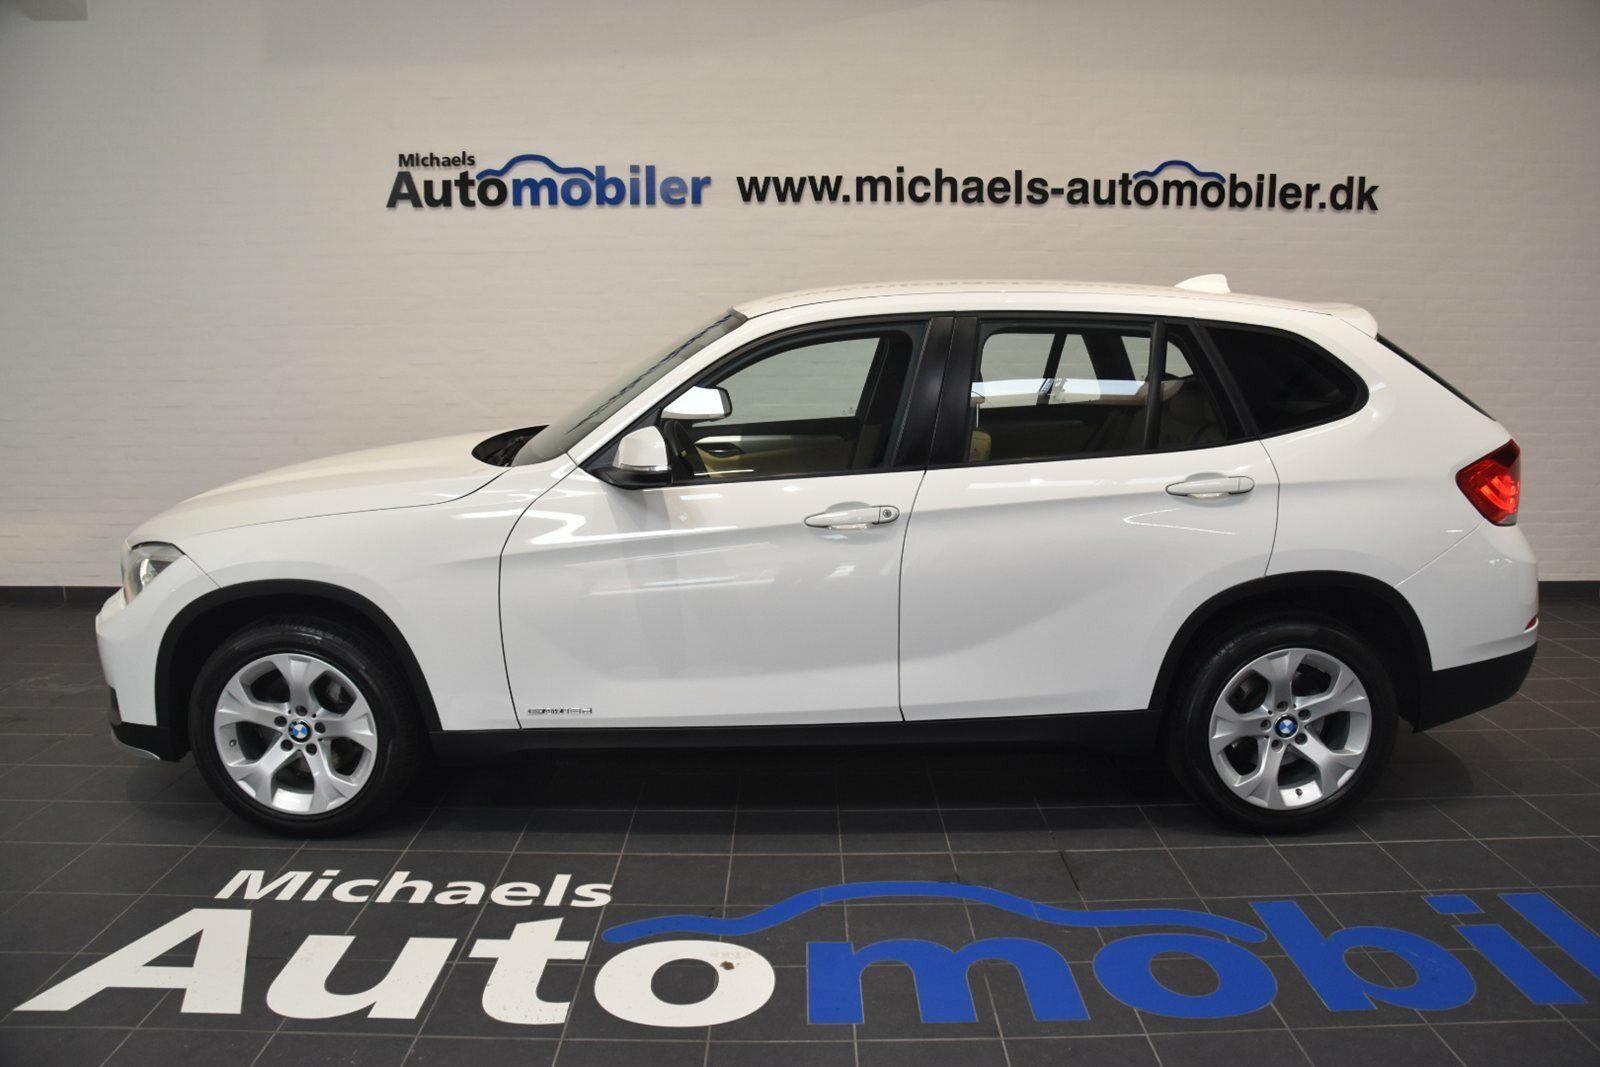 BMW X1 2,0 sDrive18d 5d - 239.900 kr.